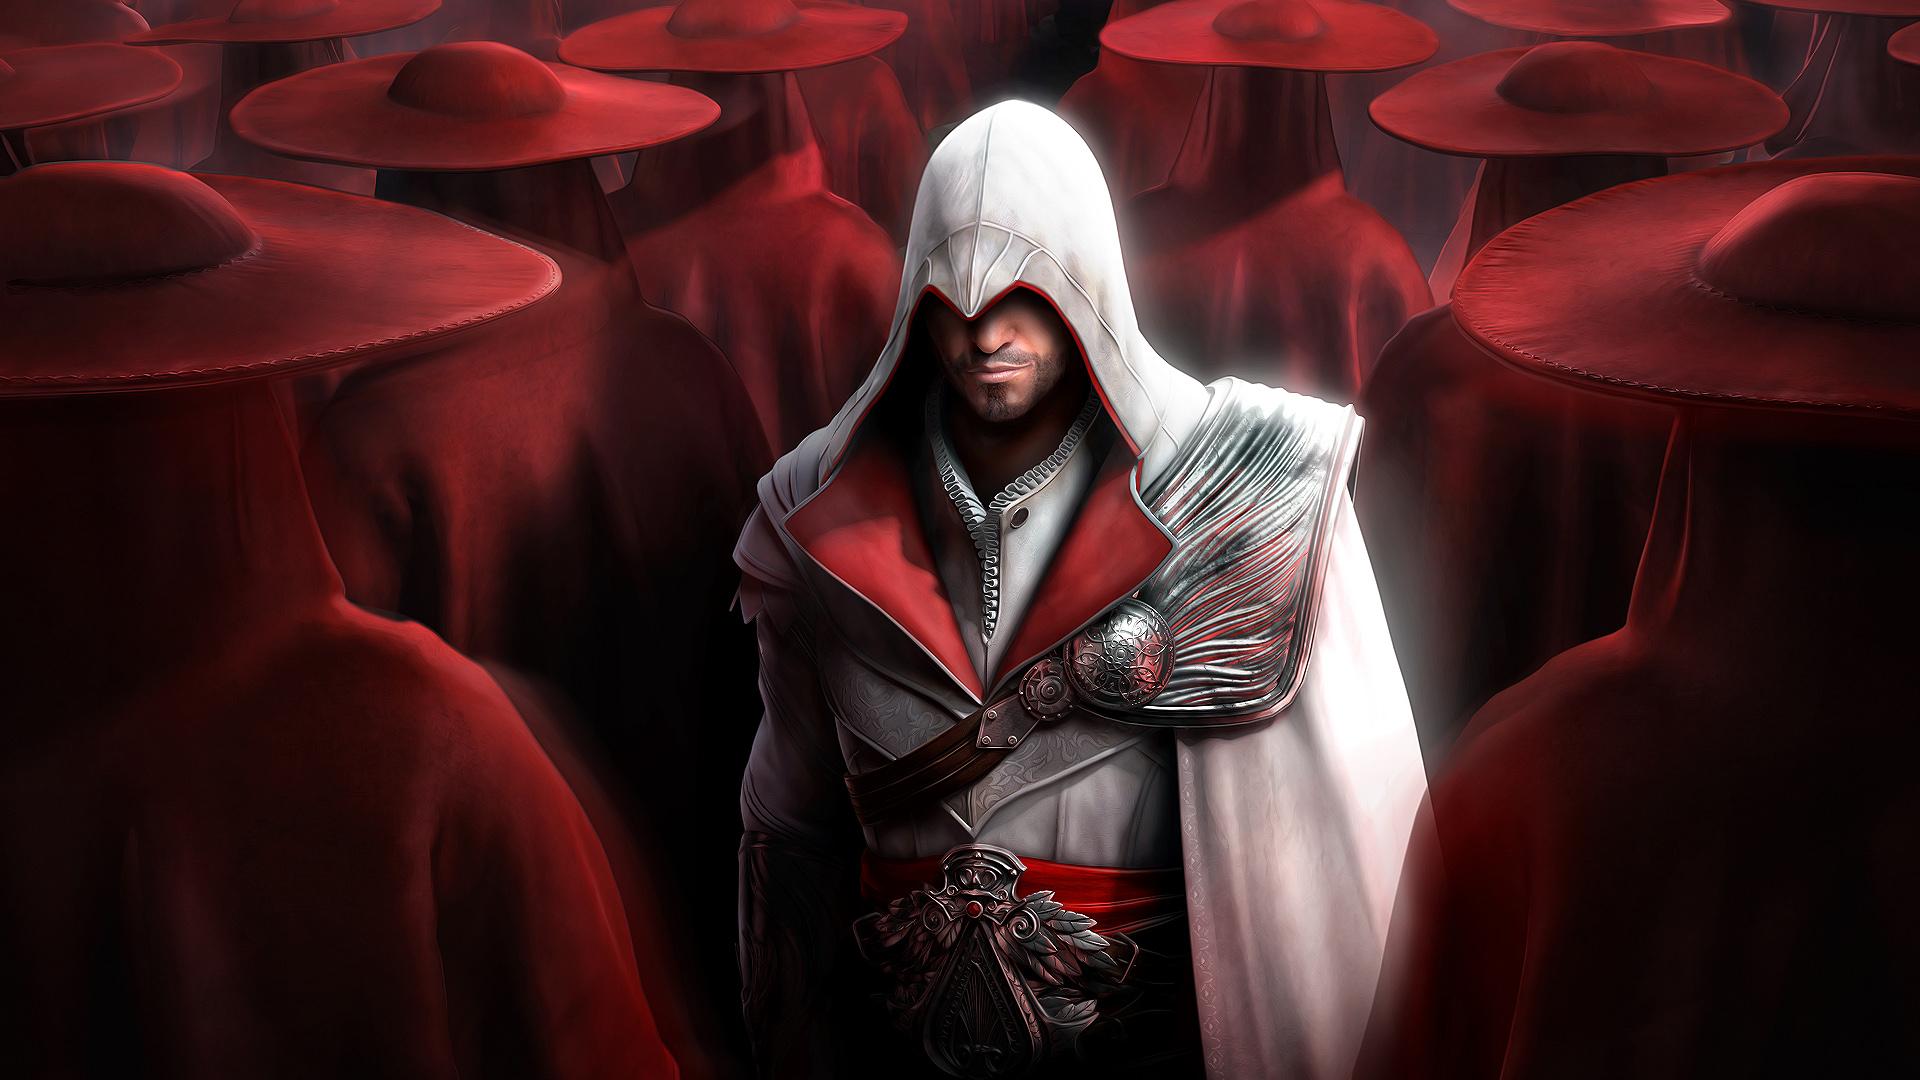 Assassins Creed Brotherhood Wallpaper Hd wallpaper   594348 1920x1080